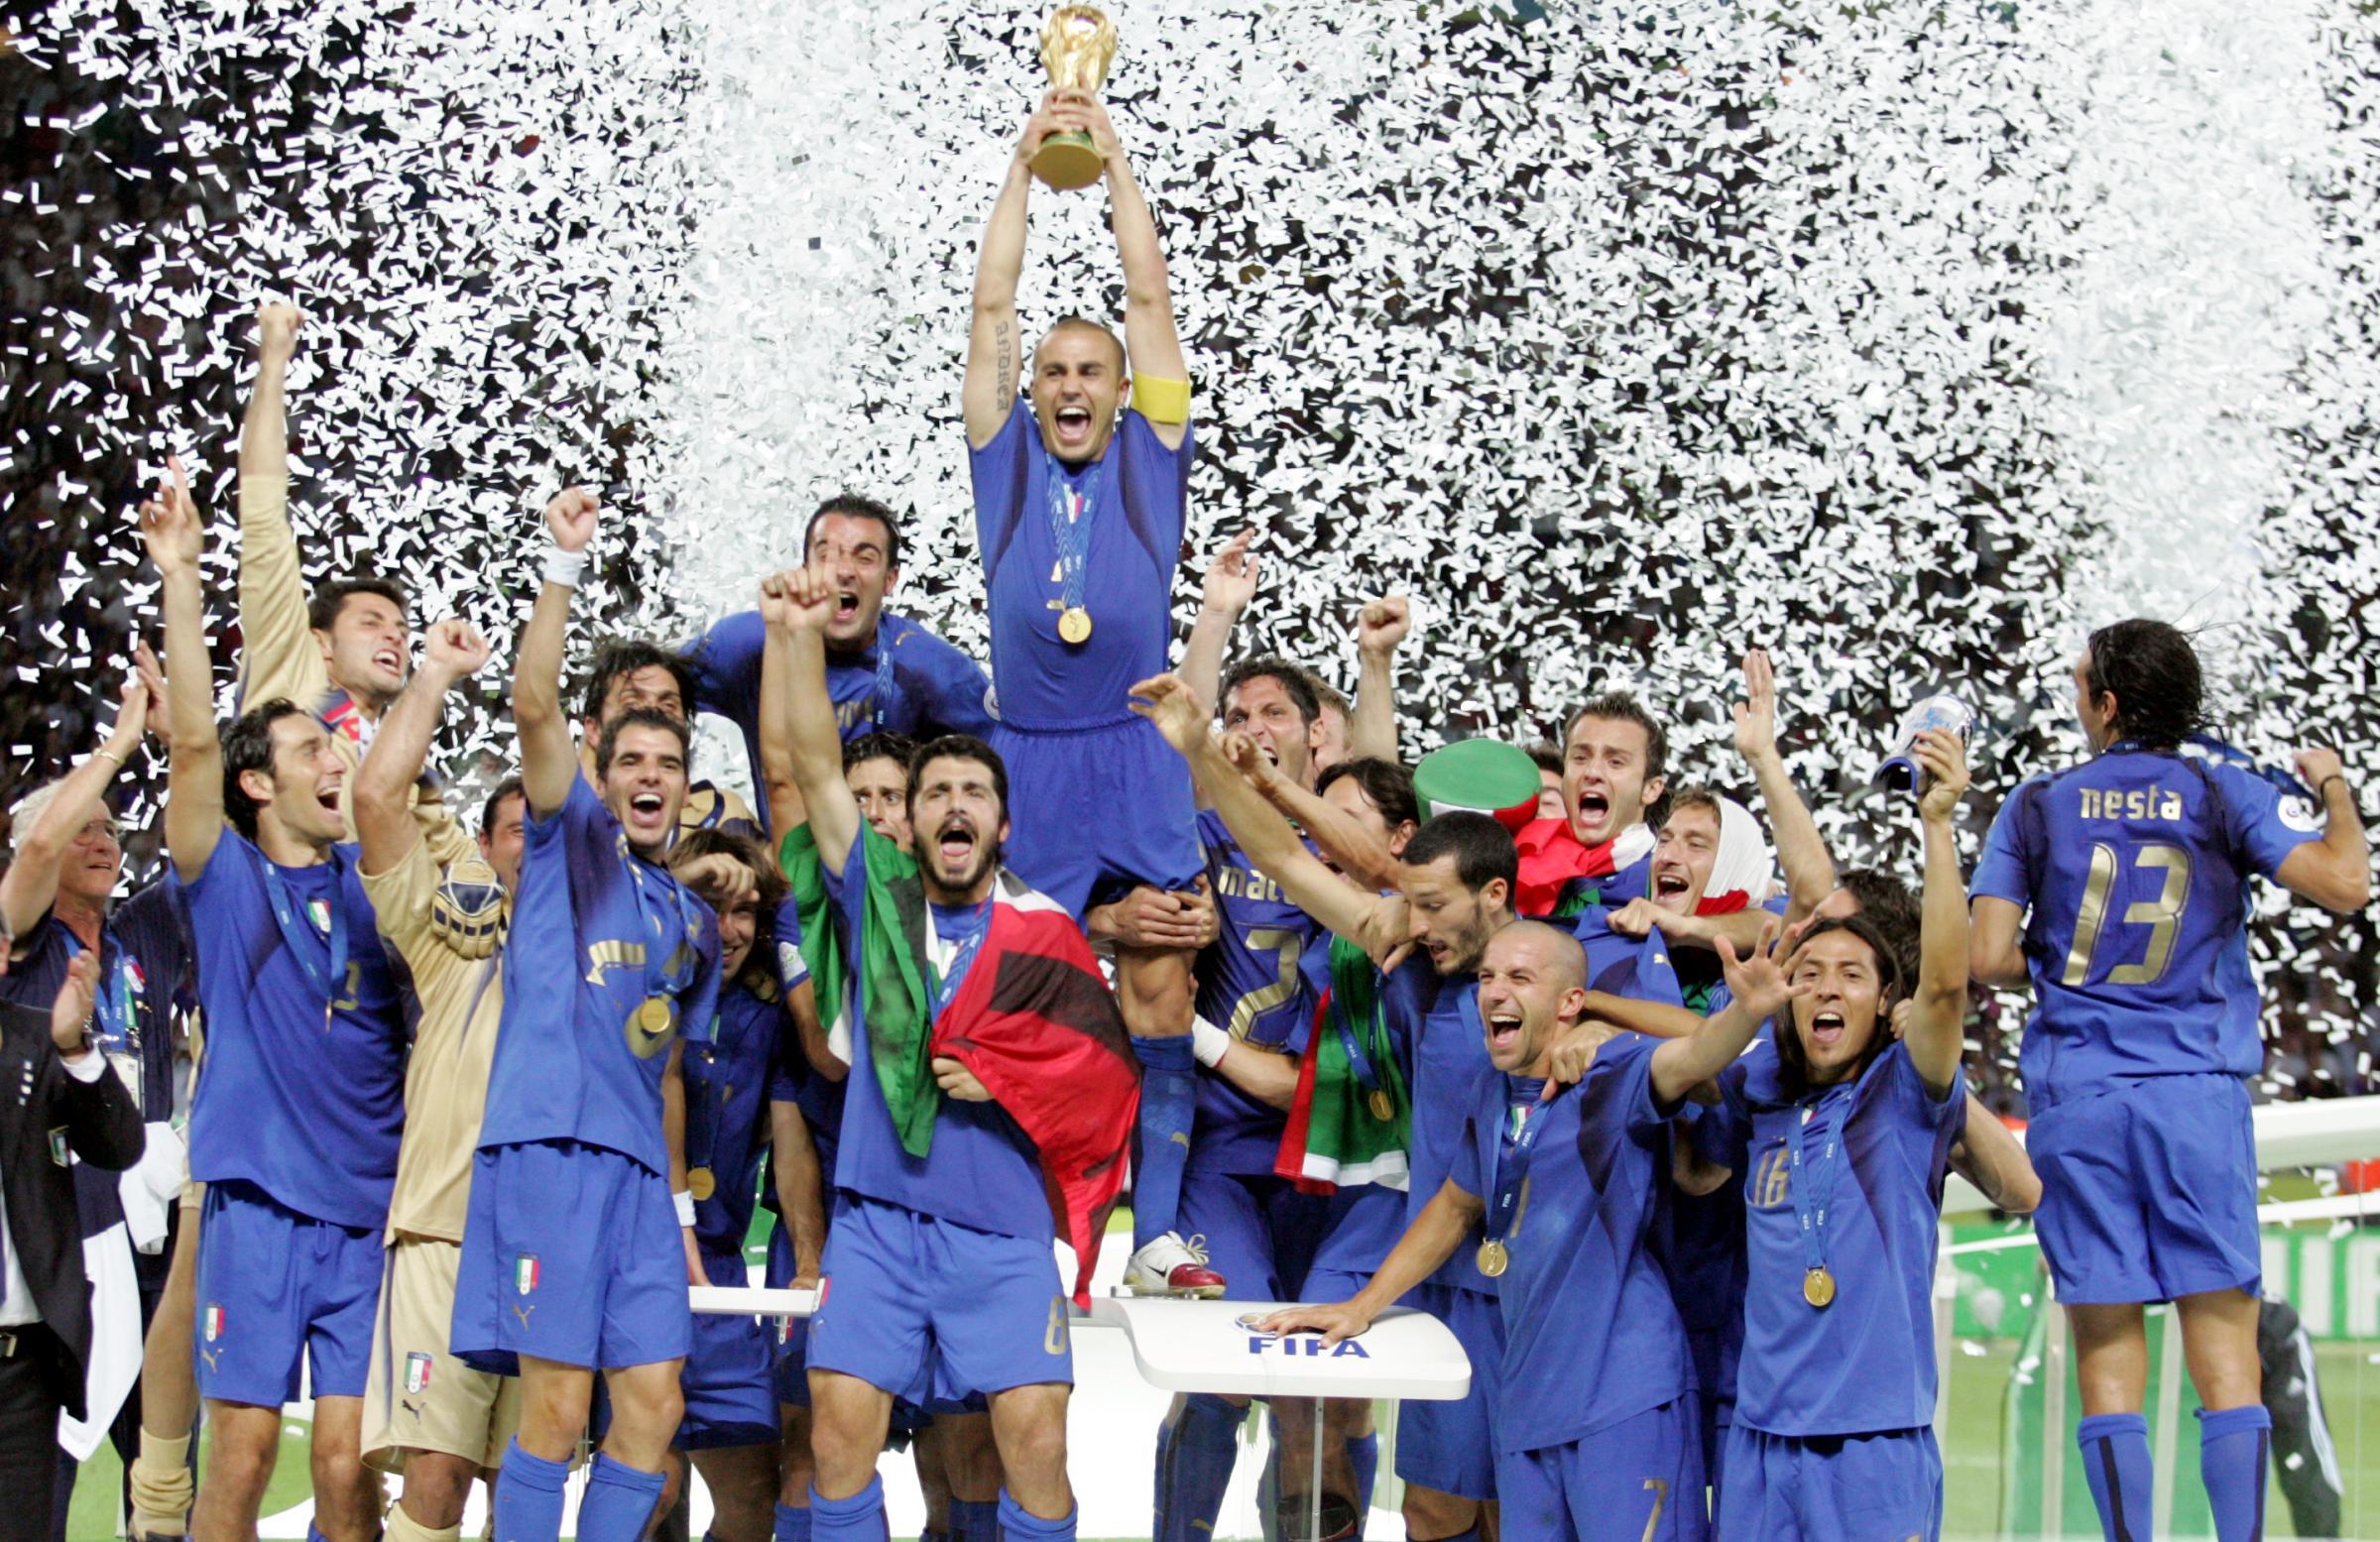 9 Luglio 2006 L Italia Conquista Il Quarto Mondiale Ecco